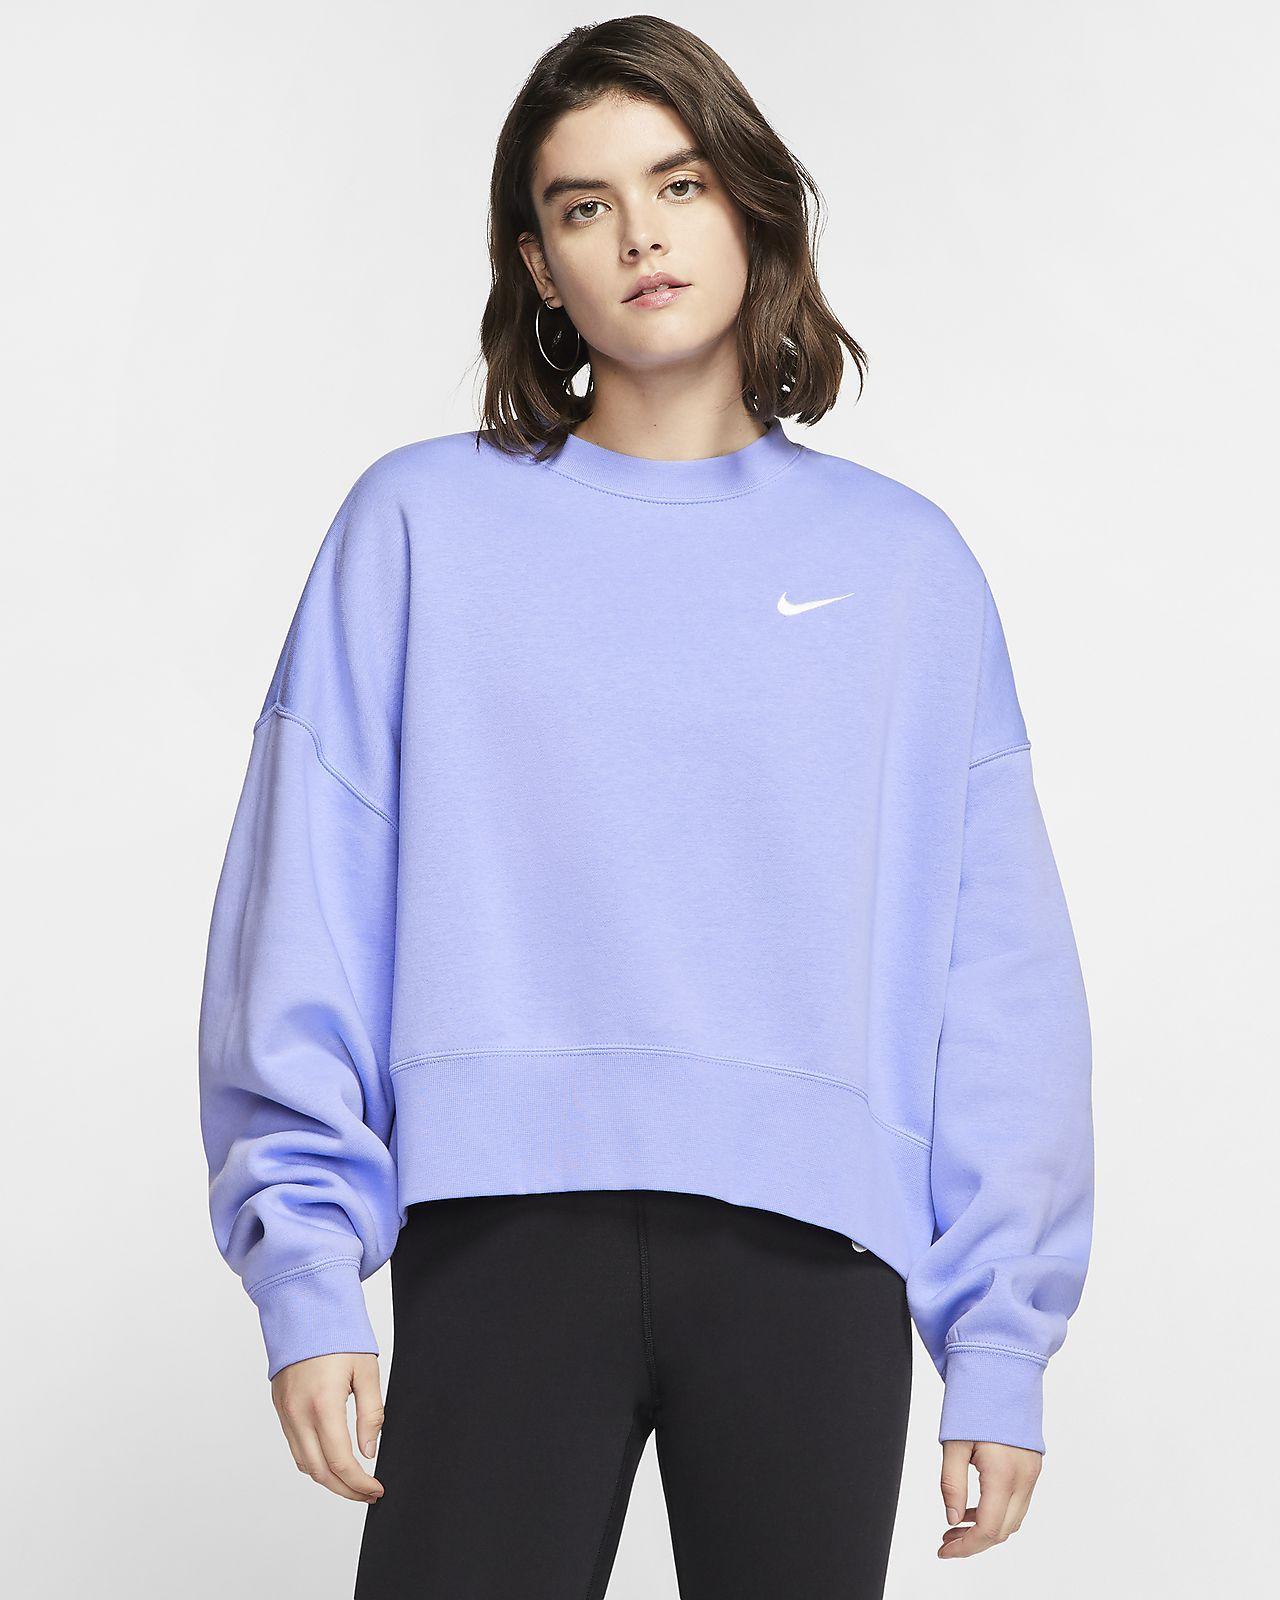 Nike Sportswear Essential Women S Fleece Crew Nike Com Nike Hoodies For Women Nike Women Sweatshirt Crewneck Sweatshirt Women [ 1600 x 1280 Pixel ]